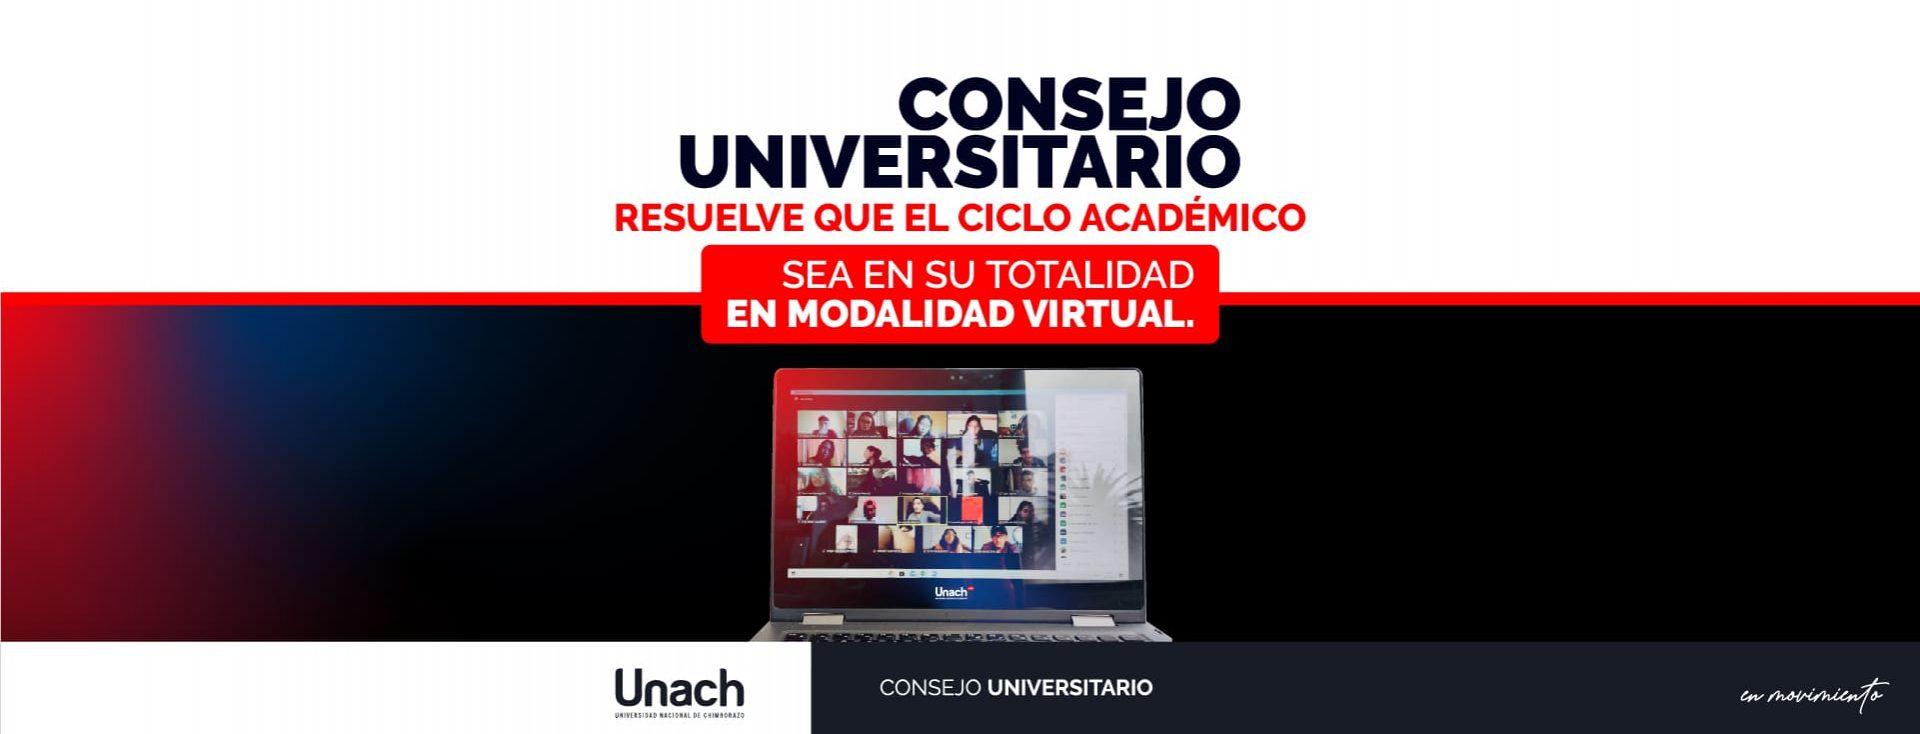 PERIODO ACADÉMICO MAYO-OCTUBRE 2020 SERÁ EN SU TOTALIDAD VIRTUAL